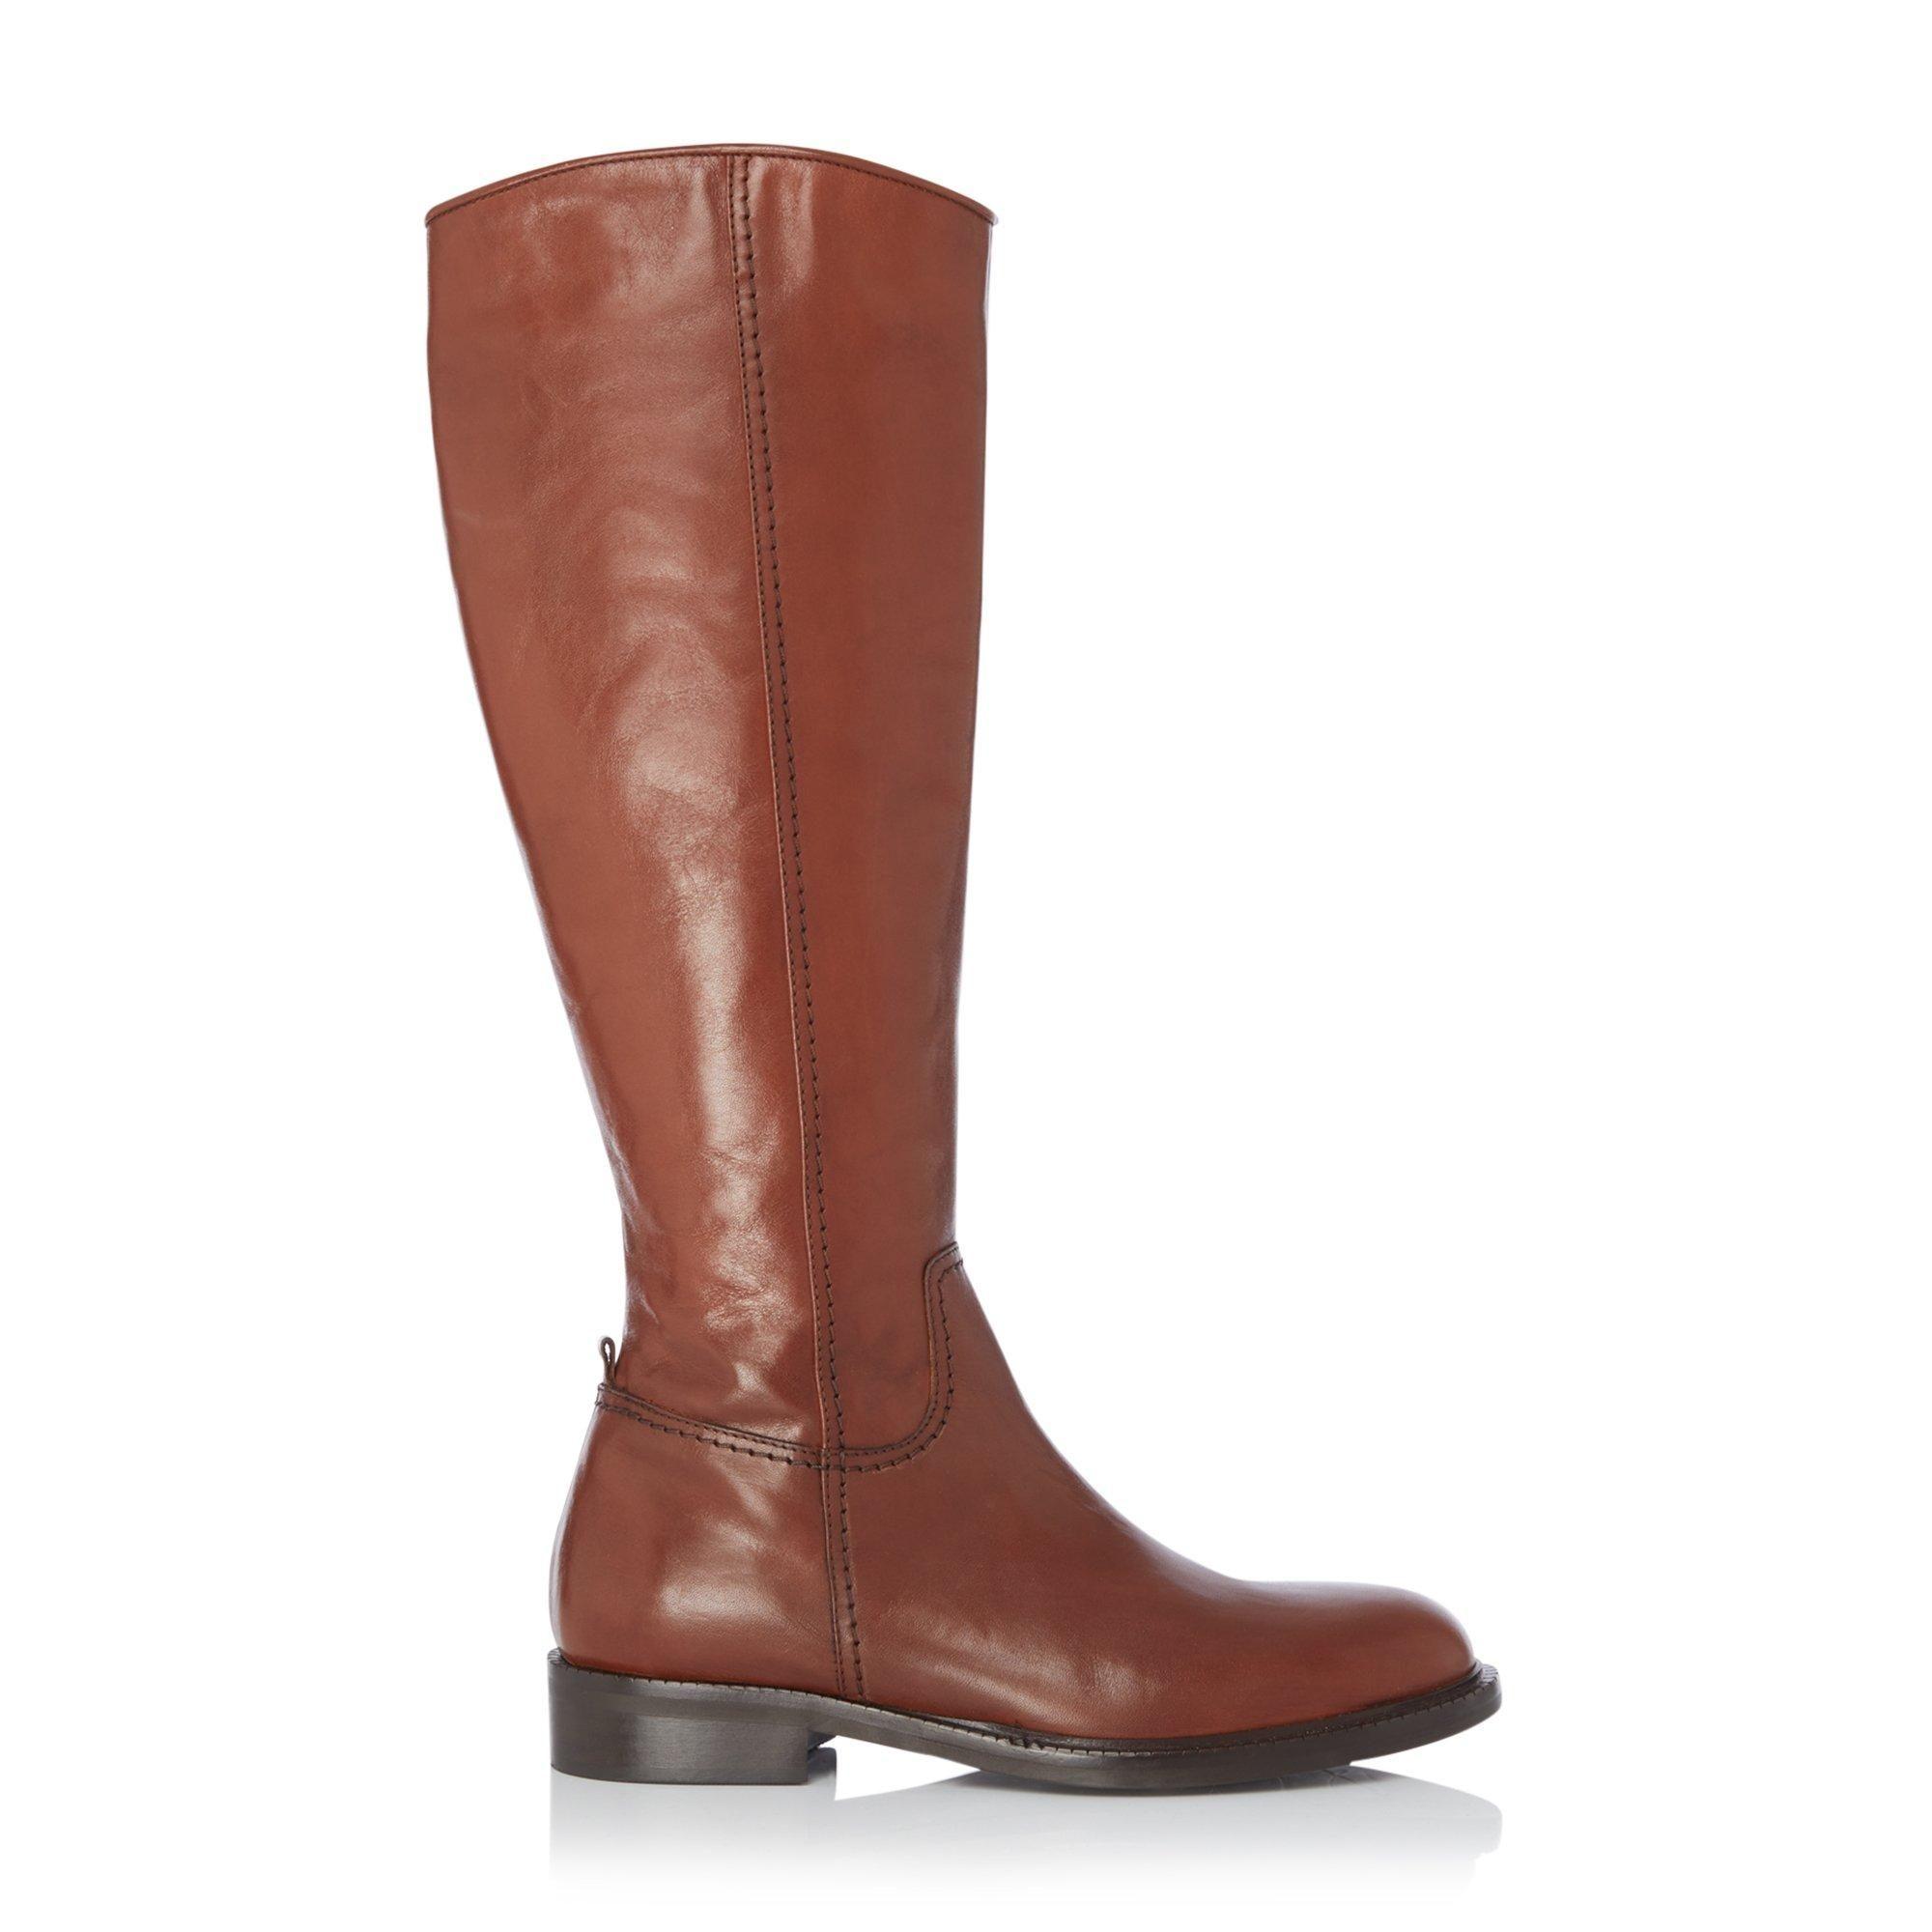 Dune Ladies TILLSIE Knee High Zip Up Riding Boots